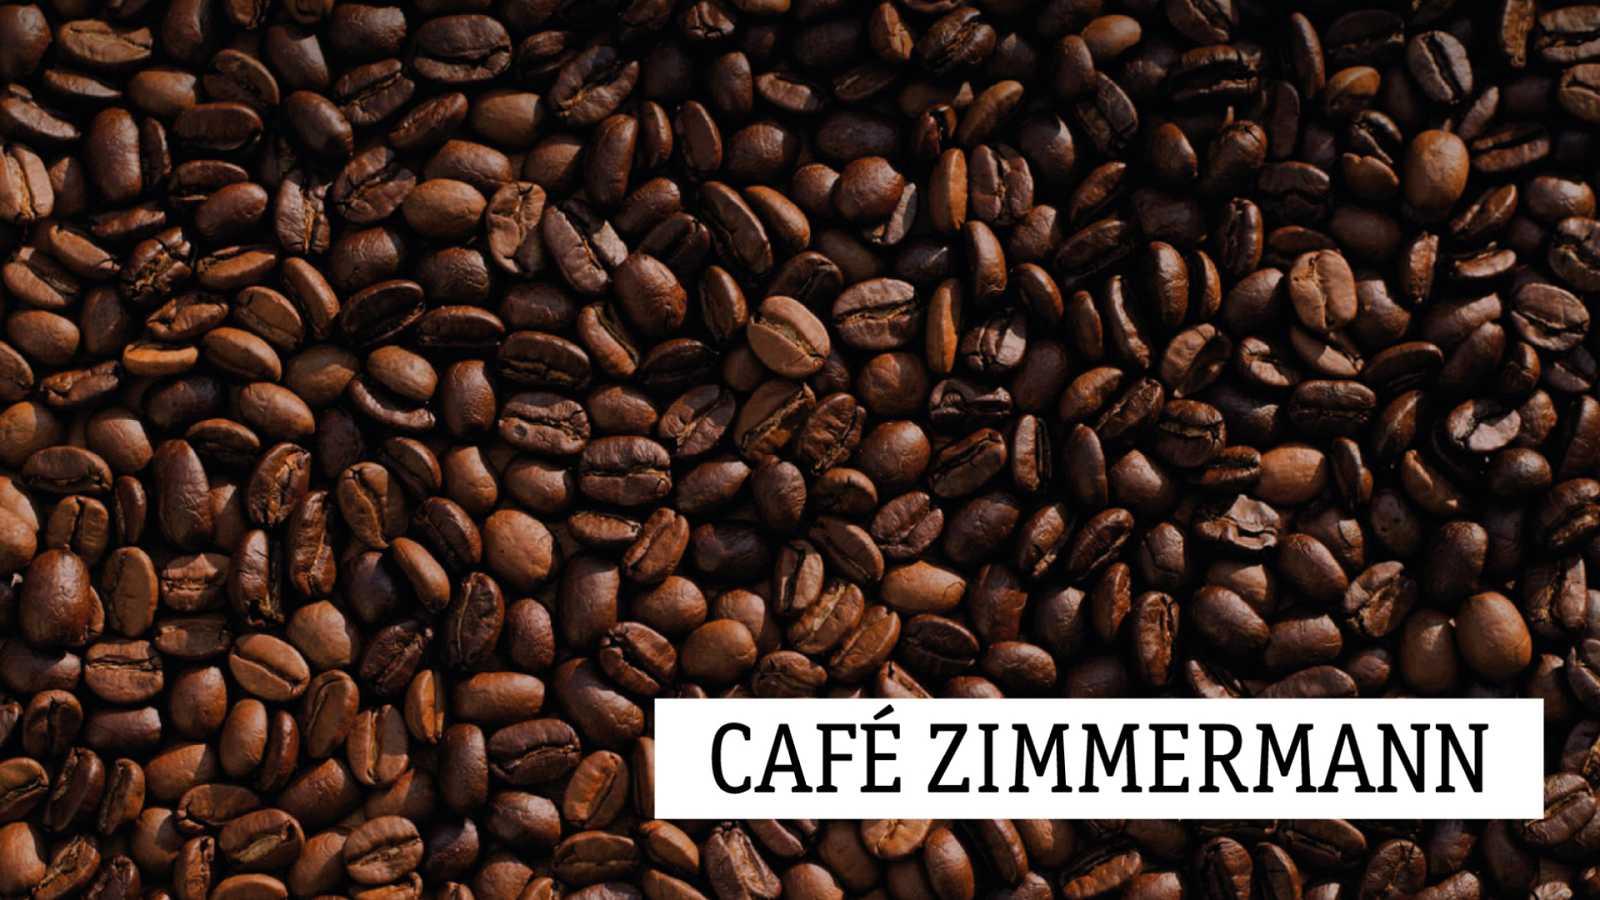 Café Zimmermann - Debussy: Cuarteto de cuerda - 08/02/21 - escuchar ahora